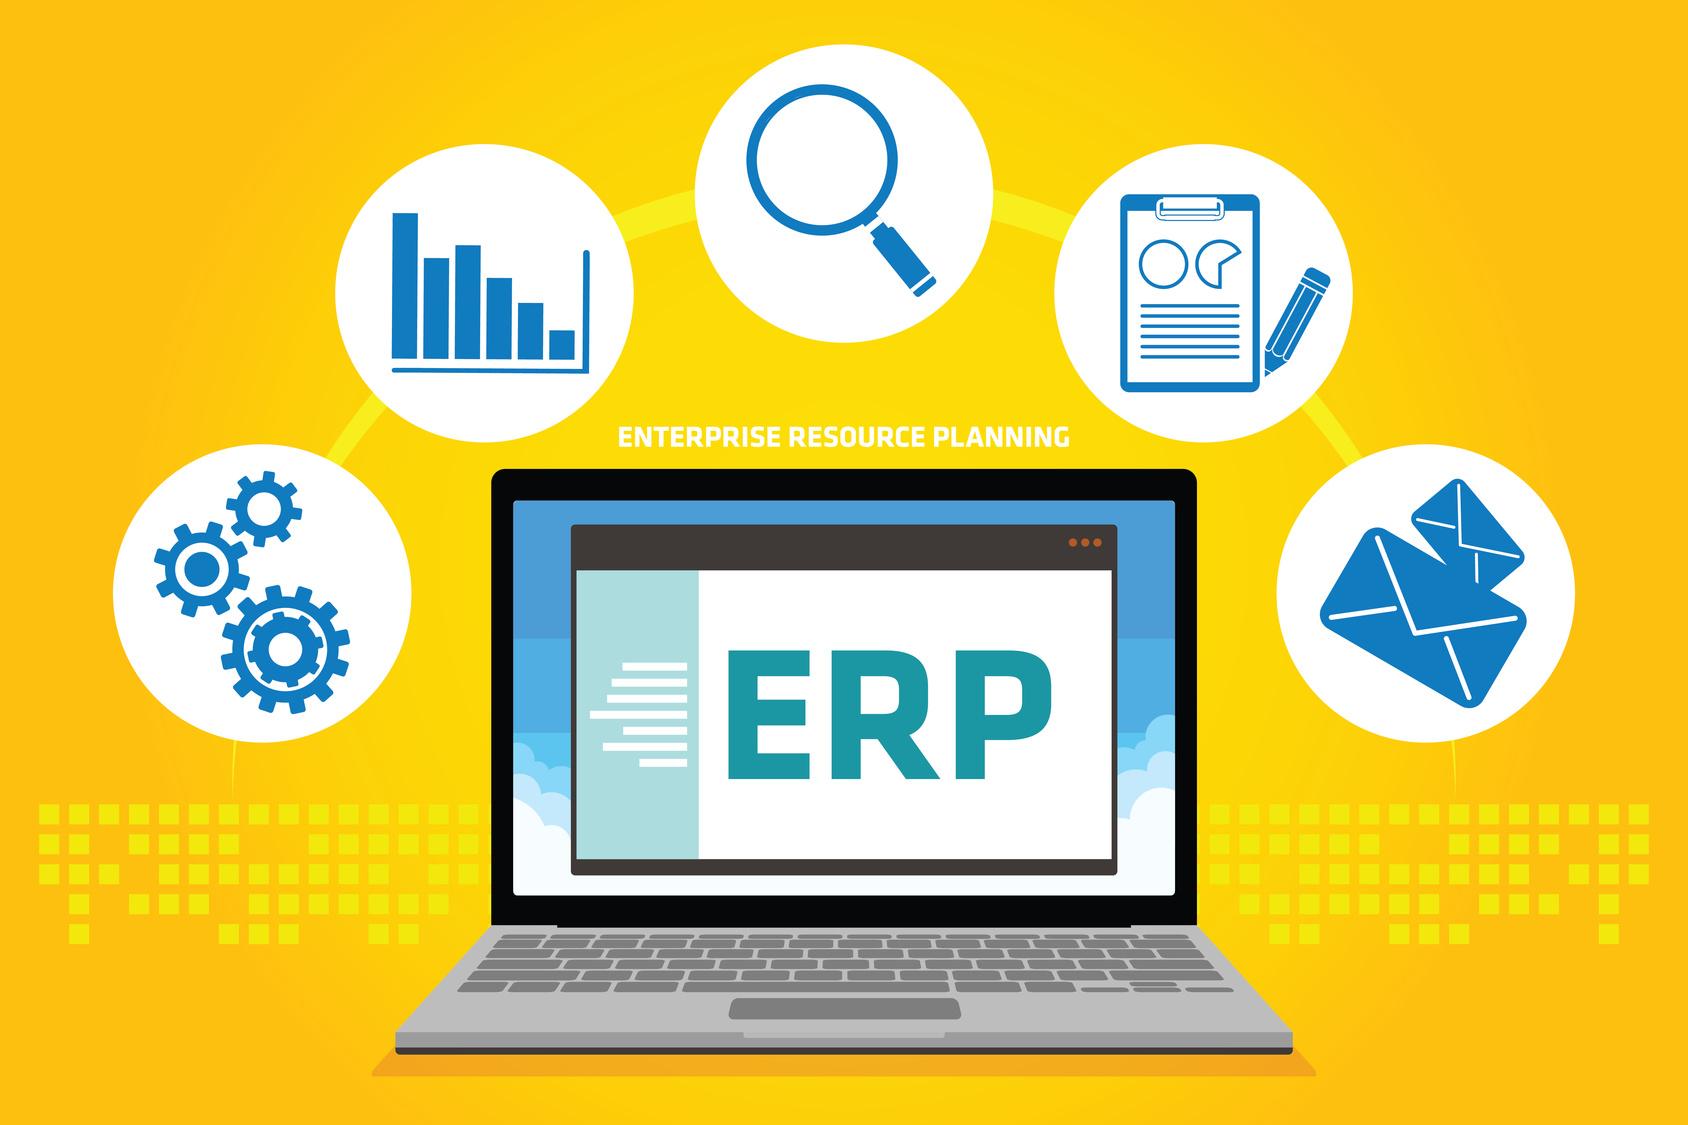 SAP ERPからS/4HANAまで対応したマスターデータ管理システム「Aerps MASTER Ace ver.1.0」 効率的なマスターメンテナンスでマスター全体の整合性を保つ